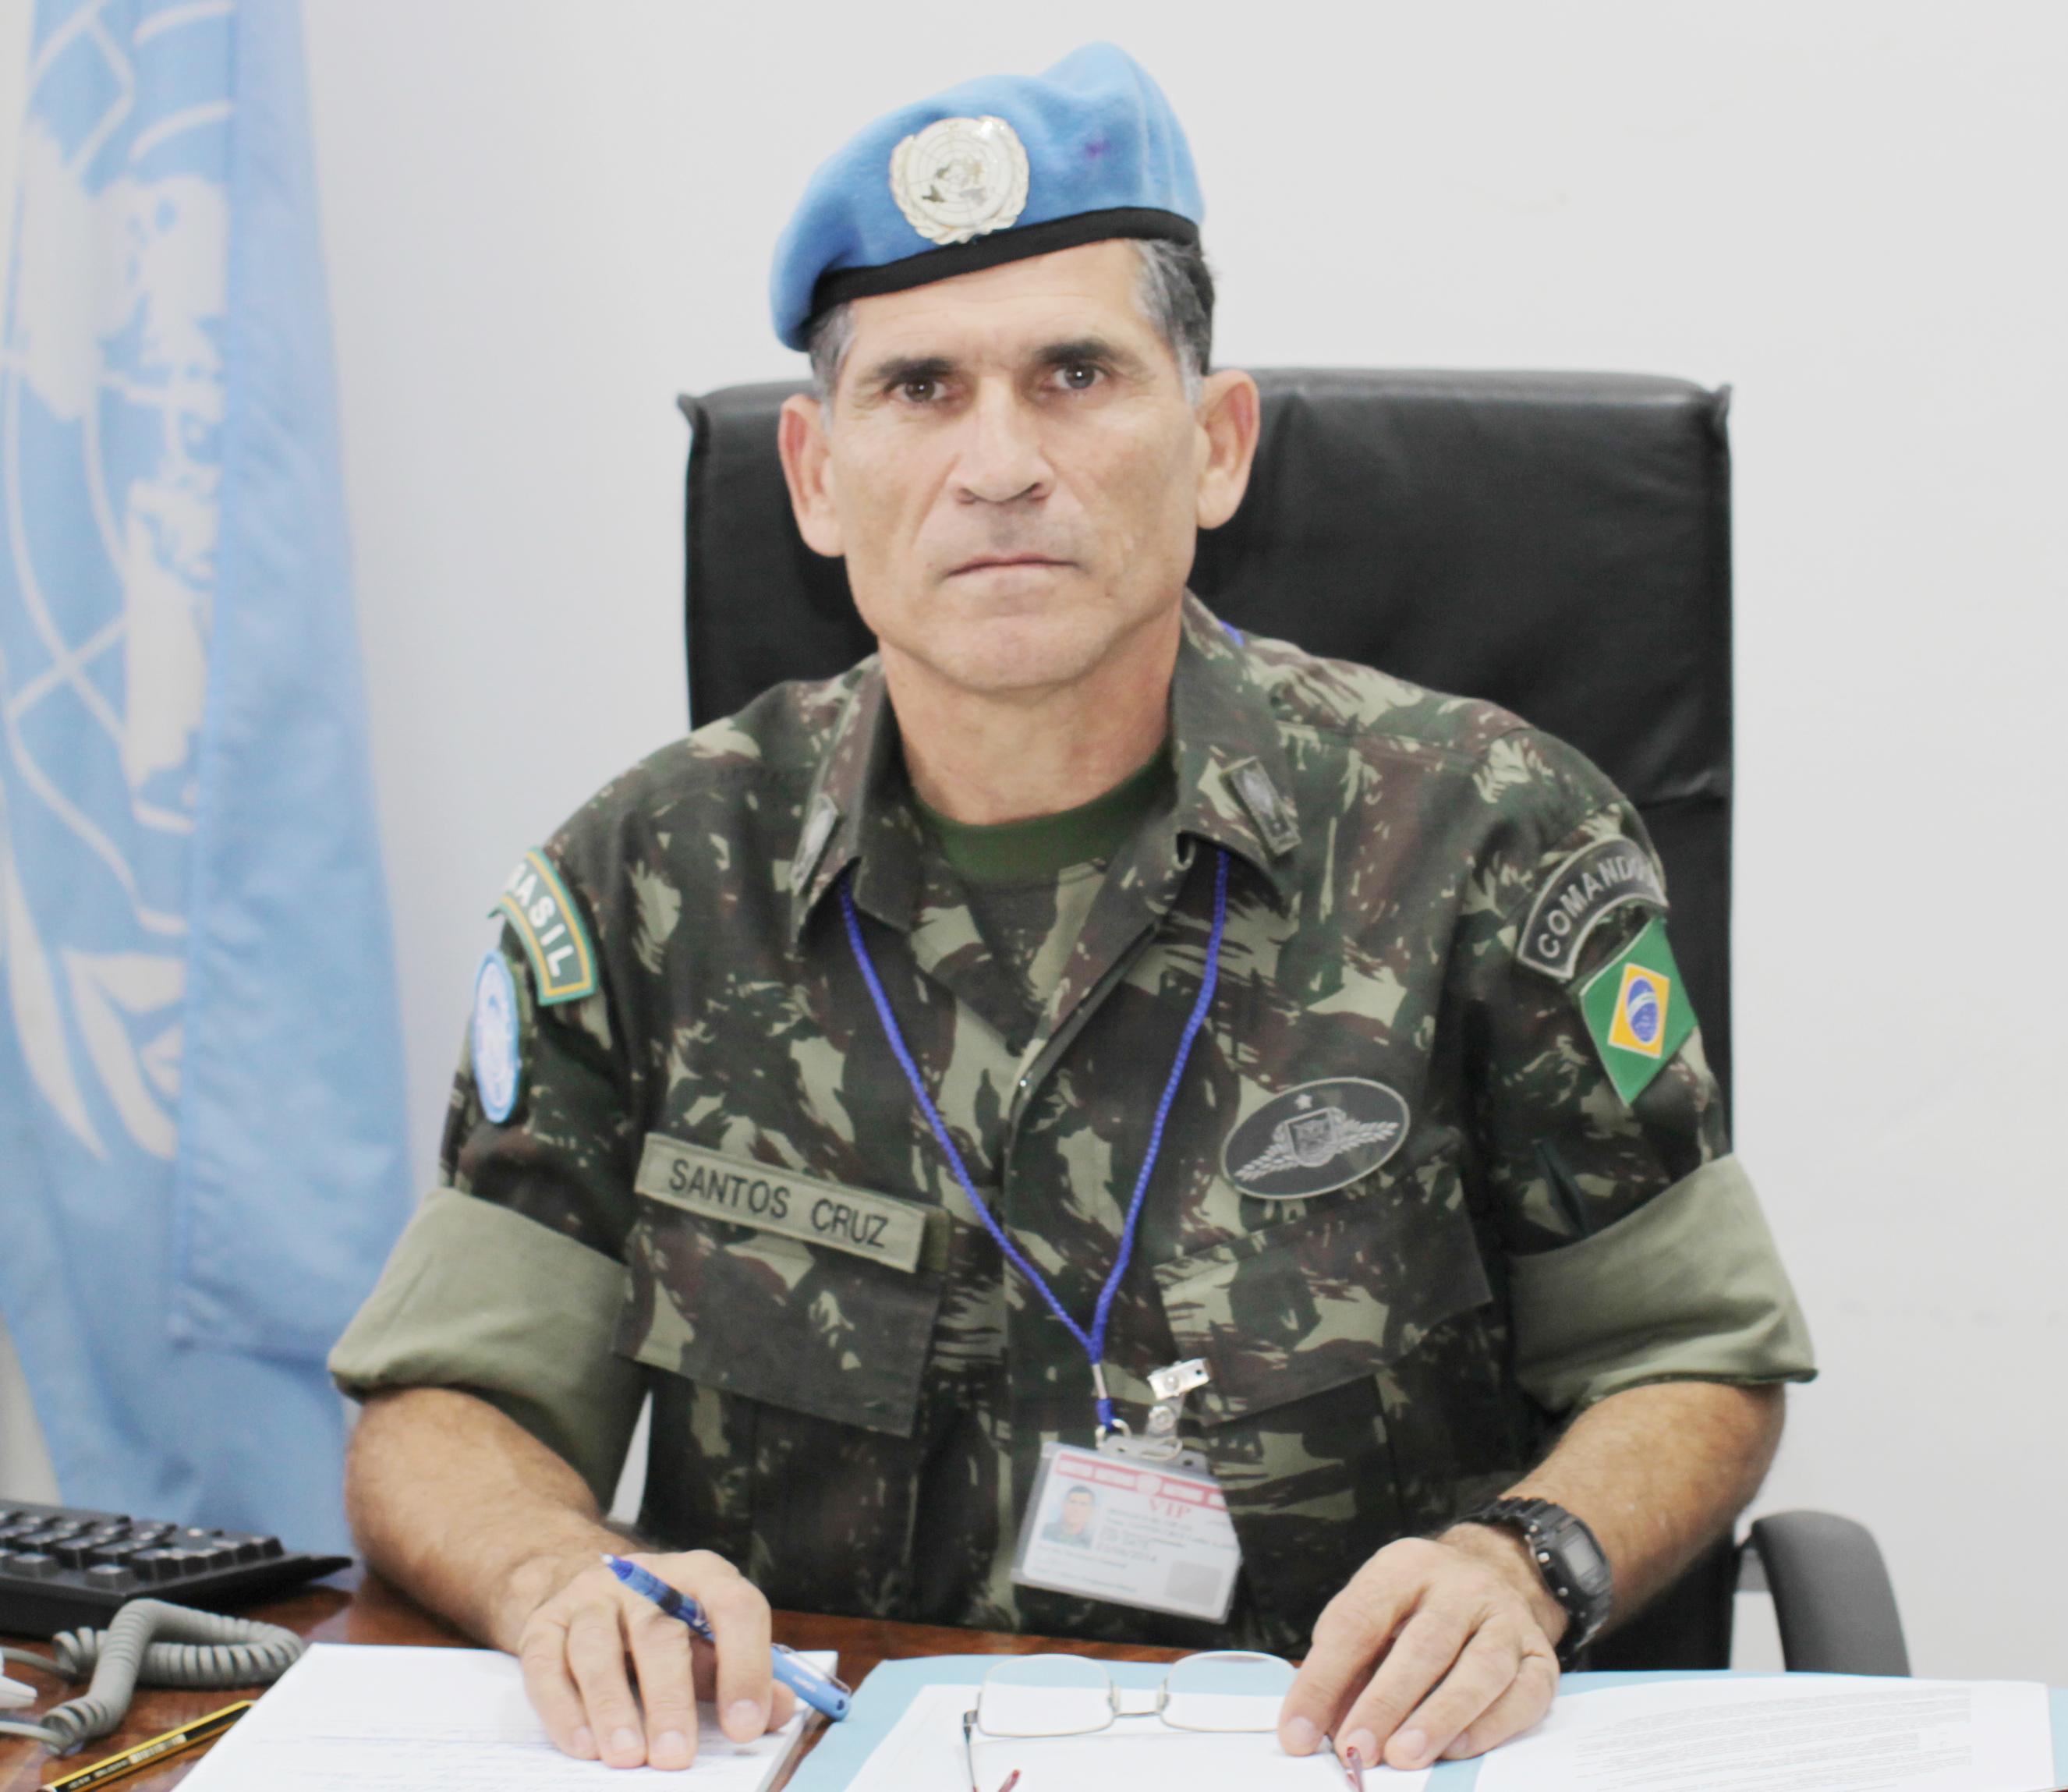 lieutenant_general_carlos_alberto_dos_santos_cruz_brazil_force_commander_8969161515